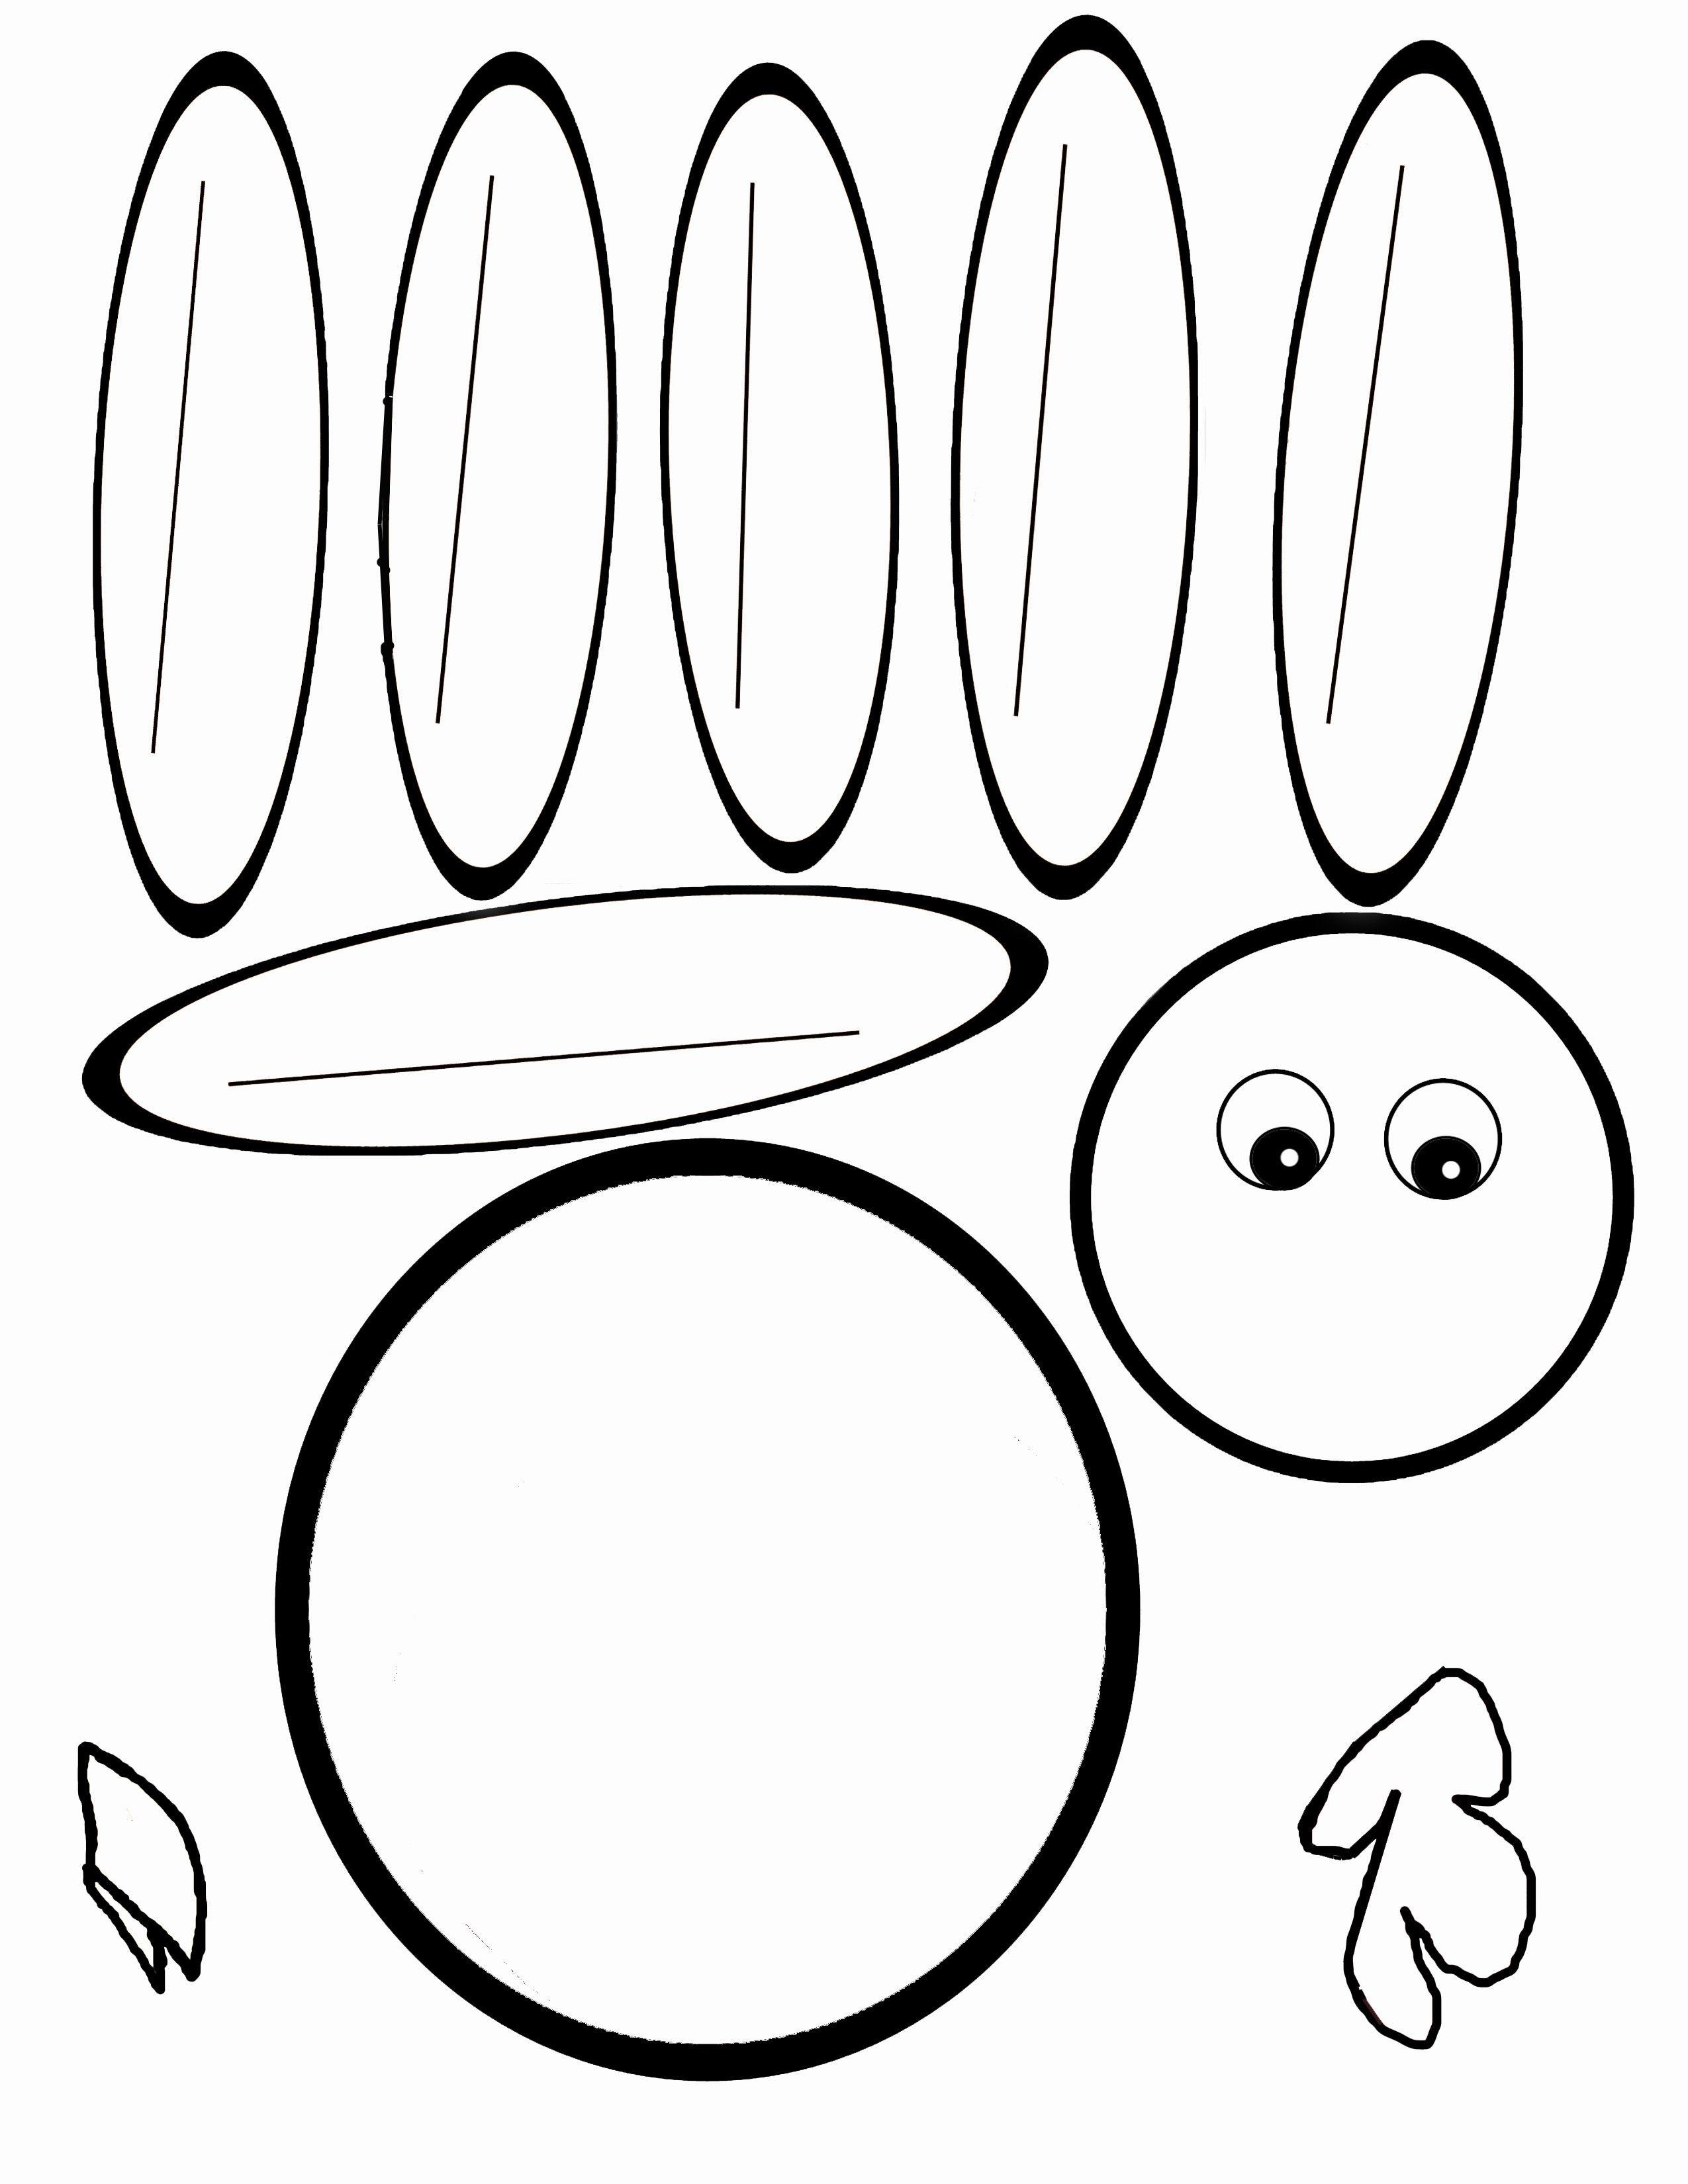 Scissor Cutting Turkey Template   Pediatric Ot   Turkey Template - Free Printable Thanksgiving Turkey Template